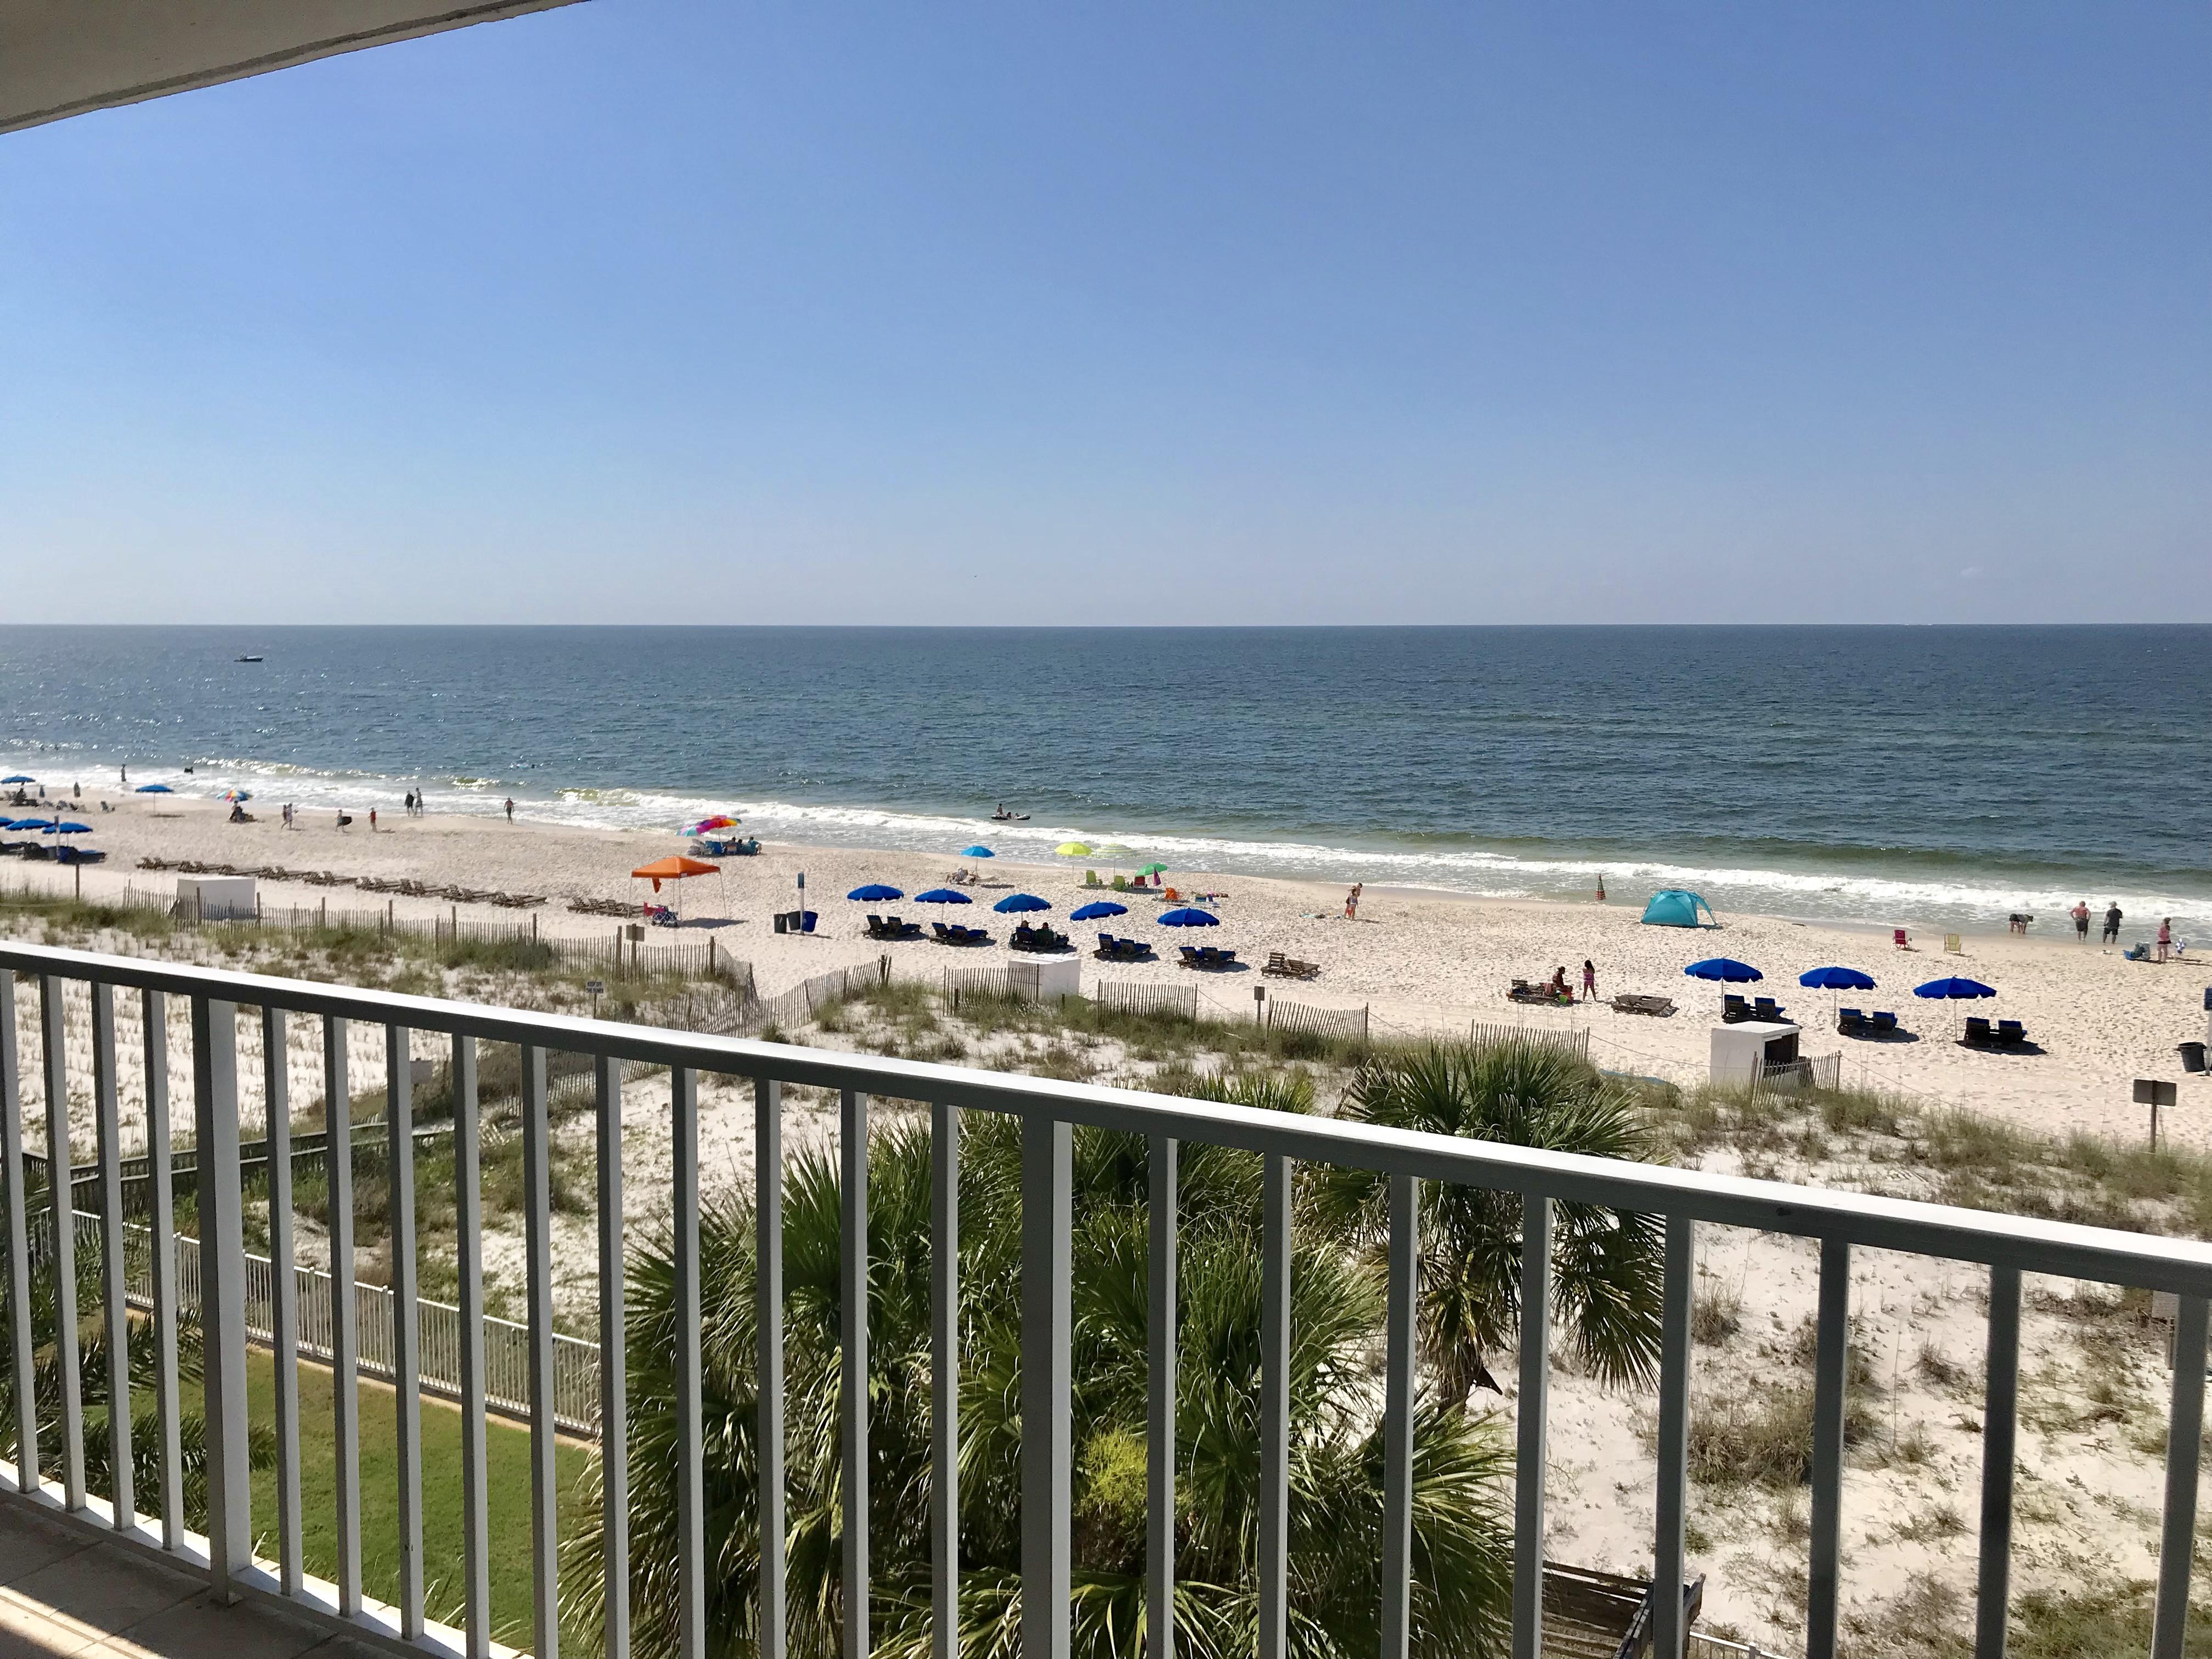 Ocean House 2403 Condo rental in Ocean House - Gulf Shores in Gulf Shores Alabama - #33